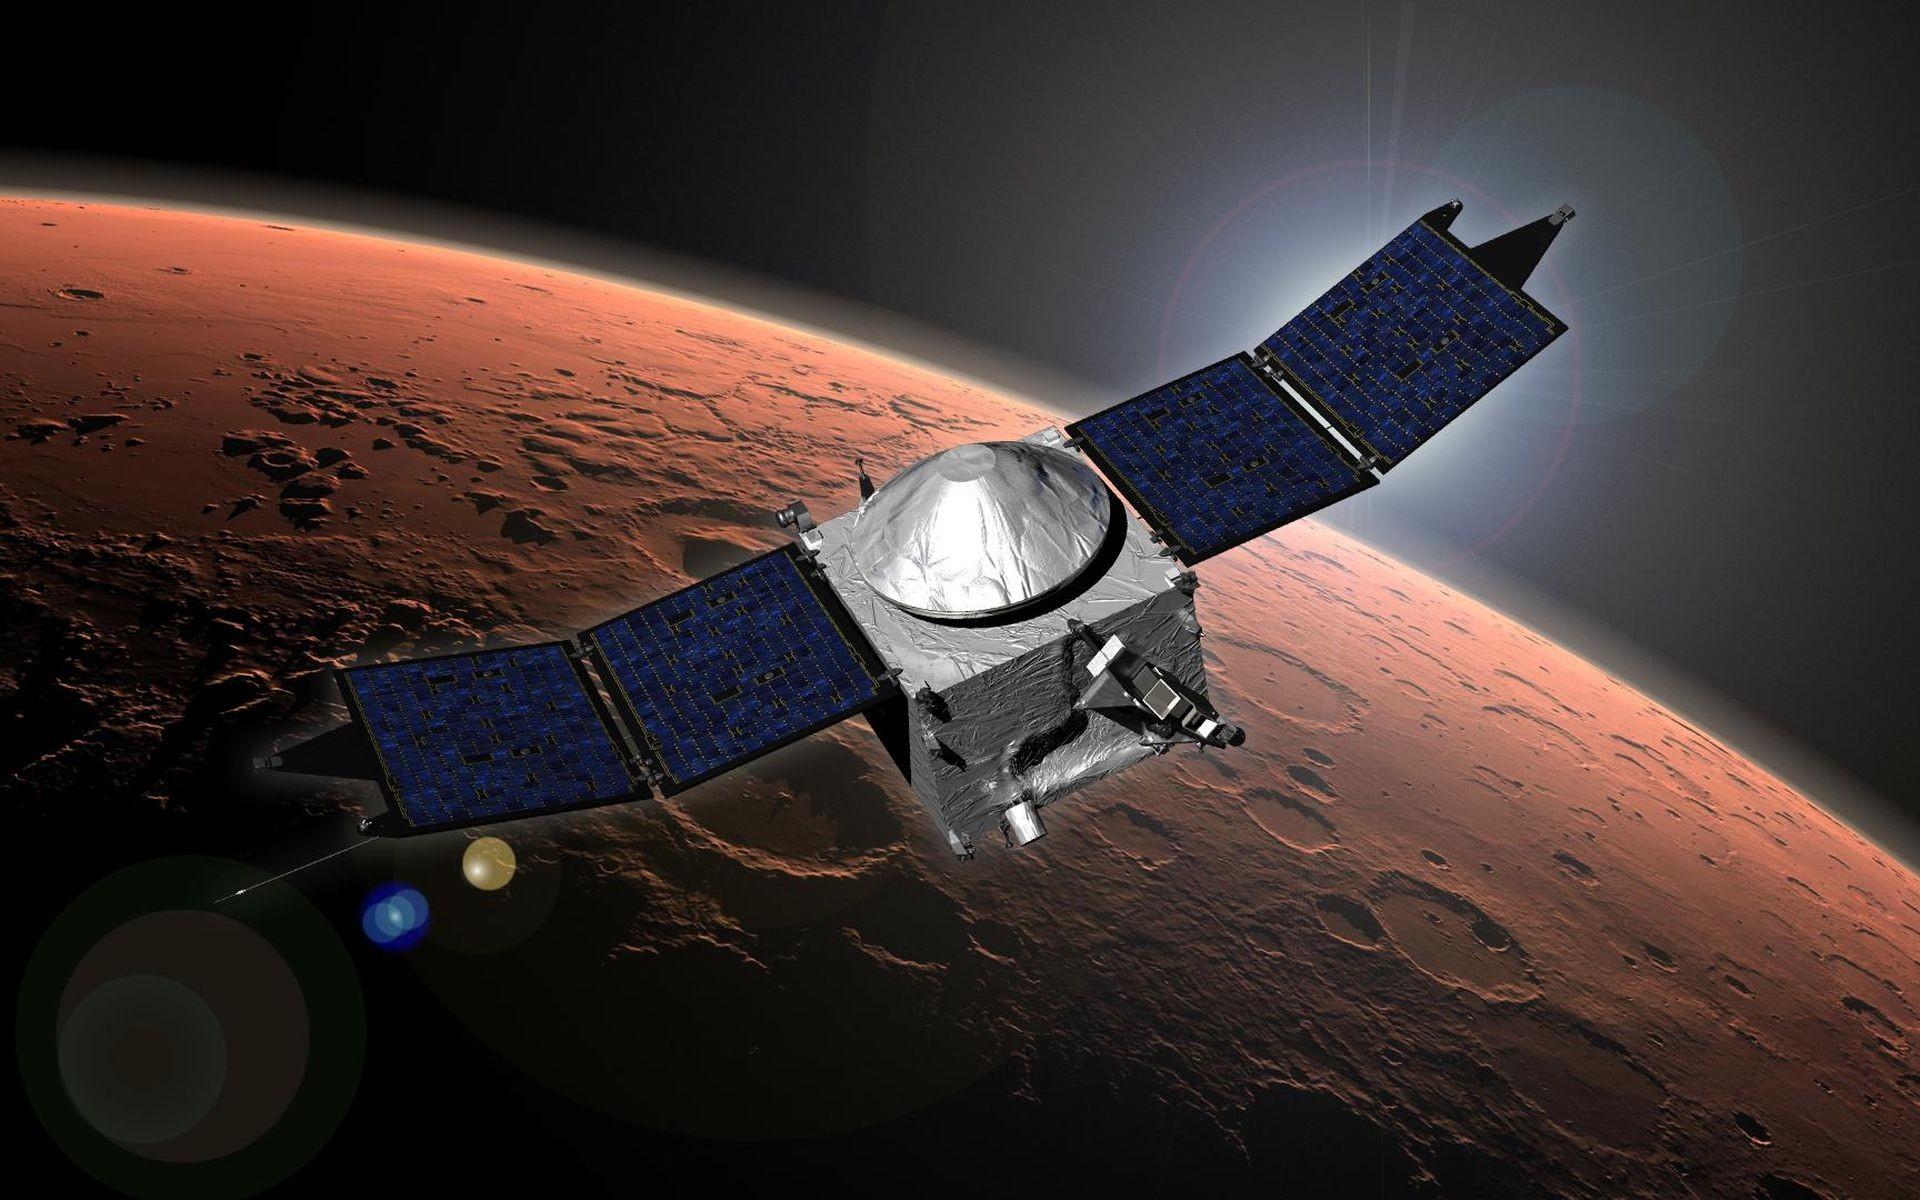 Роскосмос и ЕКА презентовали совместную миссию на Марс ExoMars